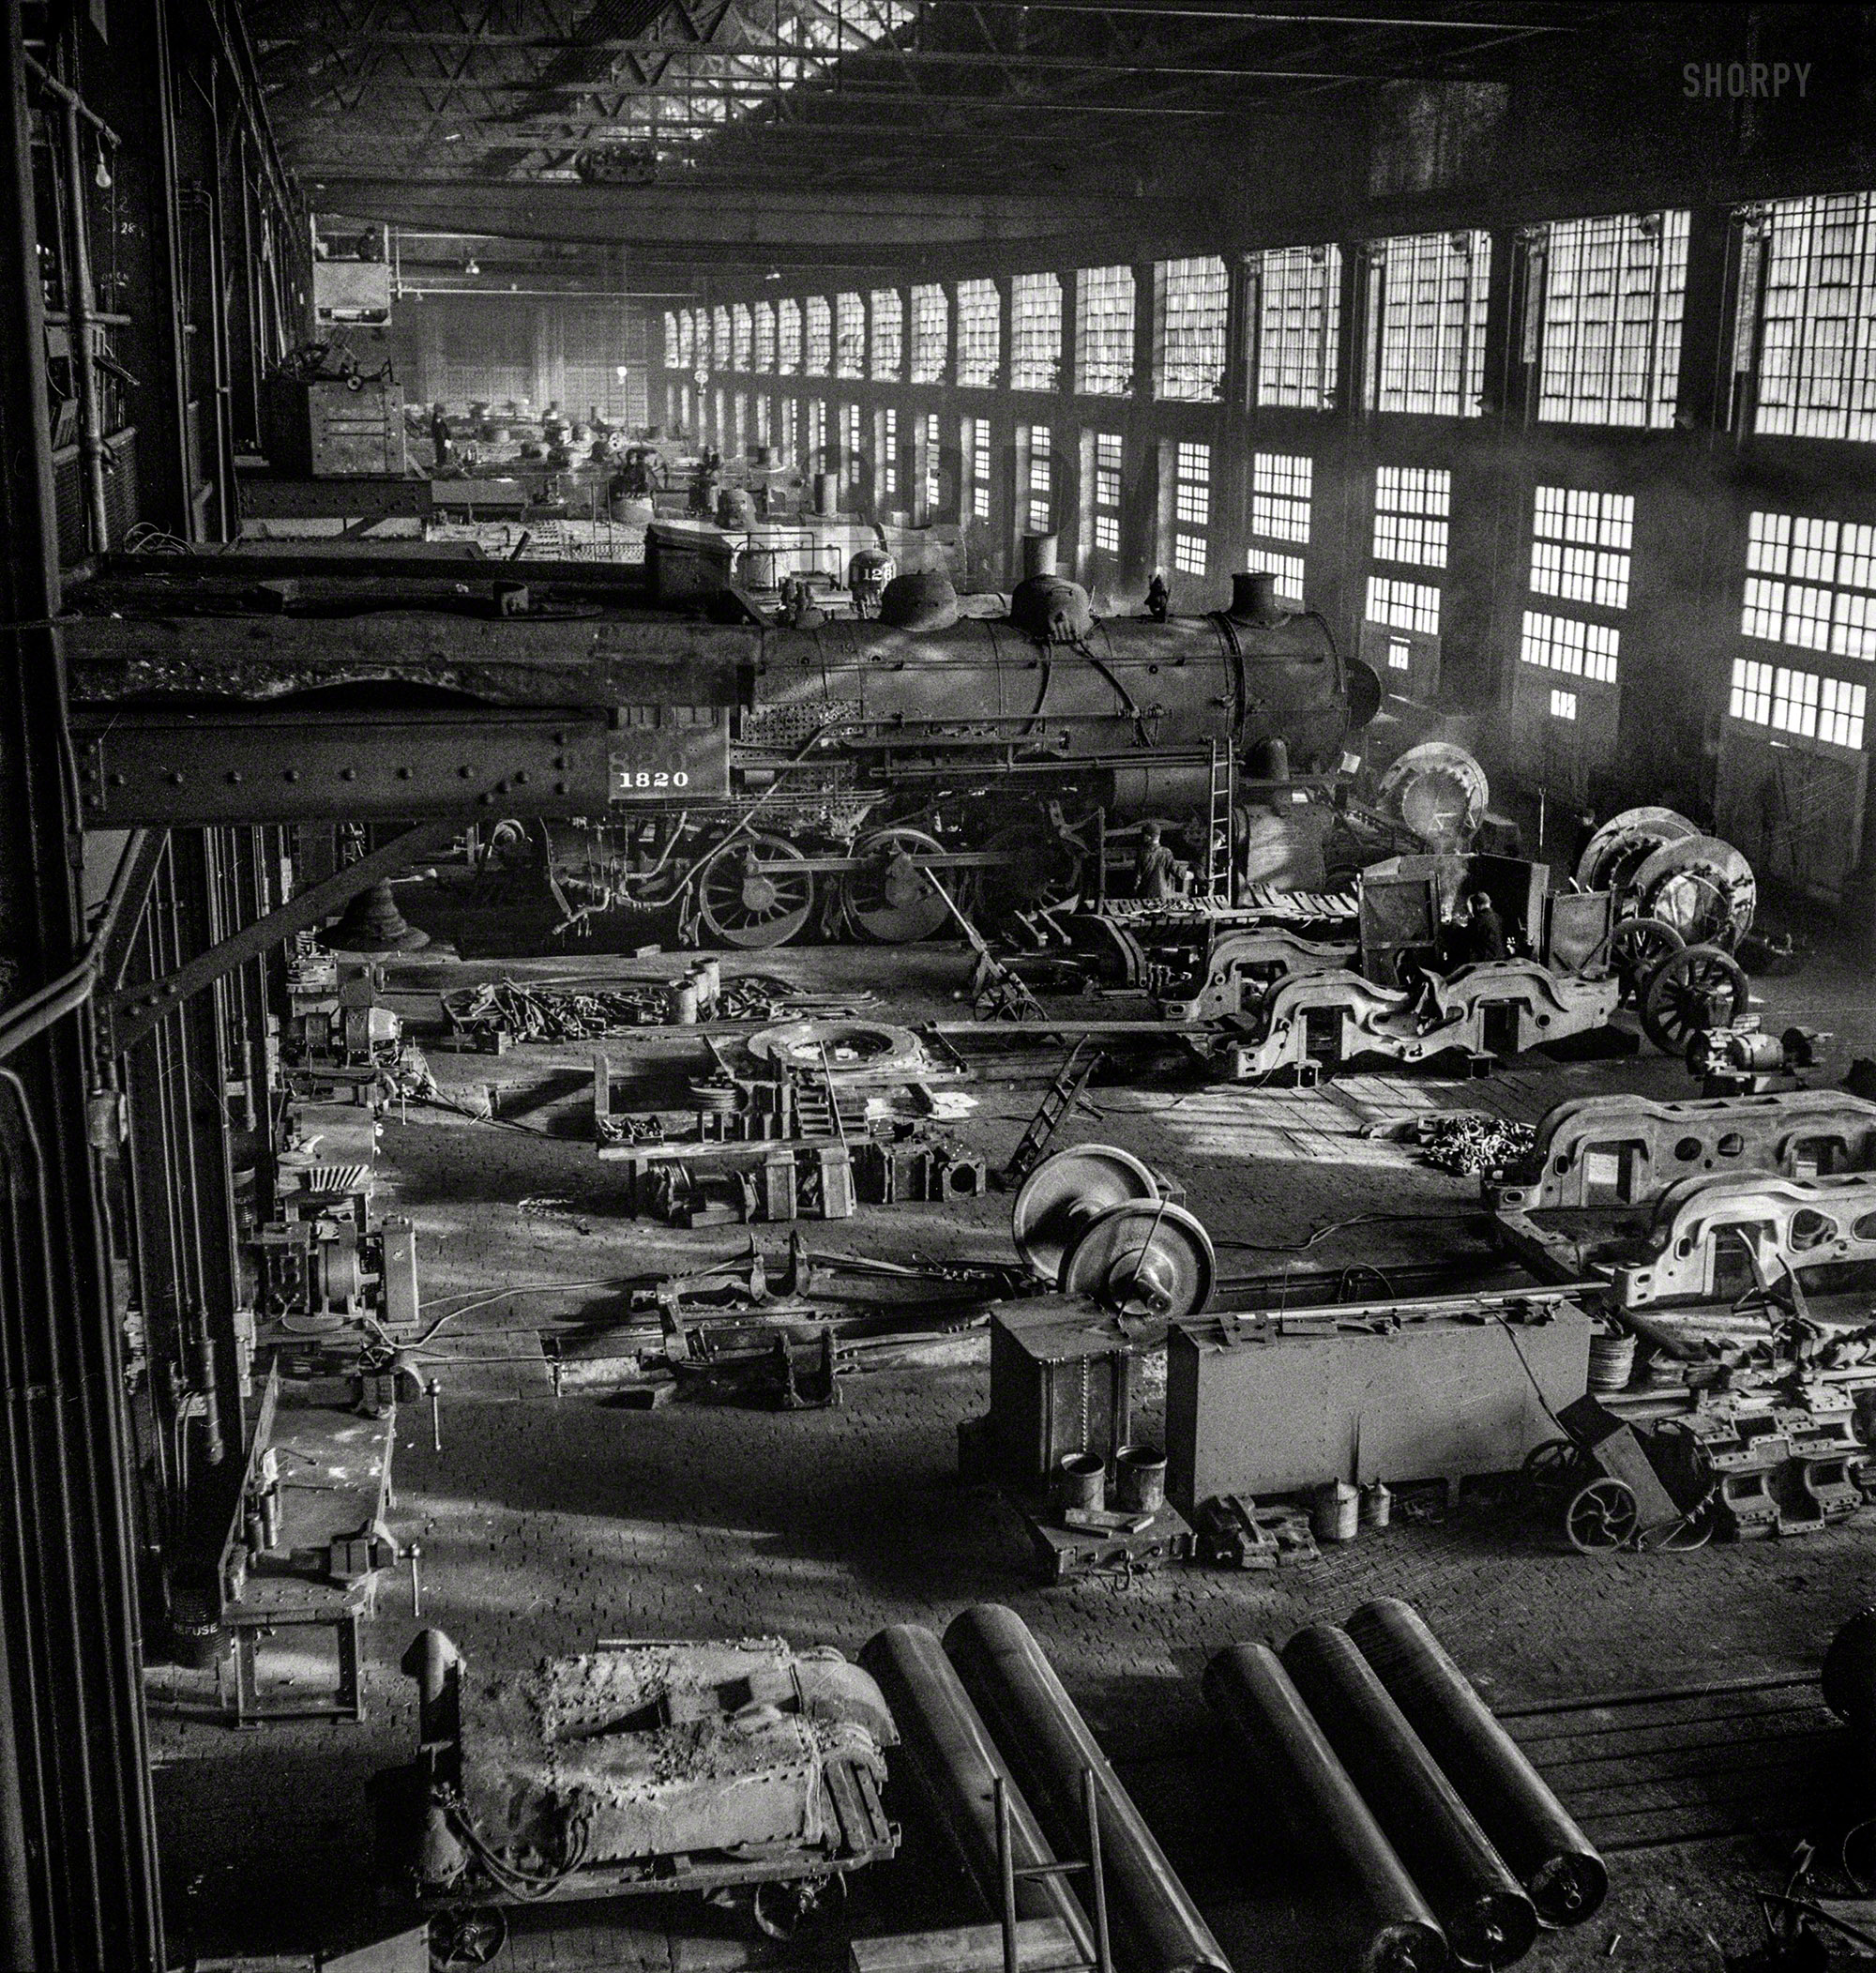 Shorpy Historic Picture Archive :: Götterdämmerung: 1942 ...